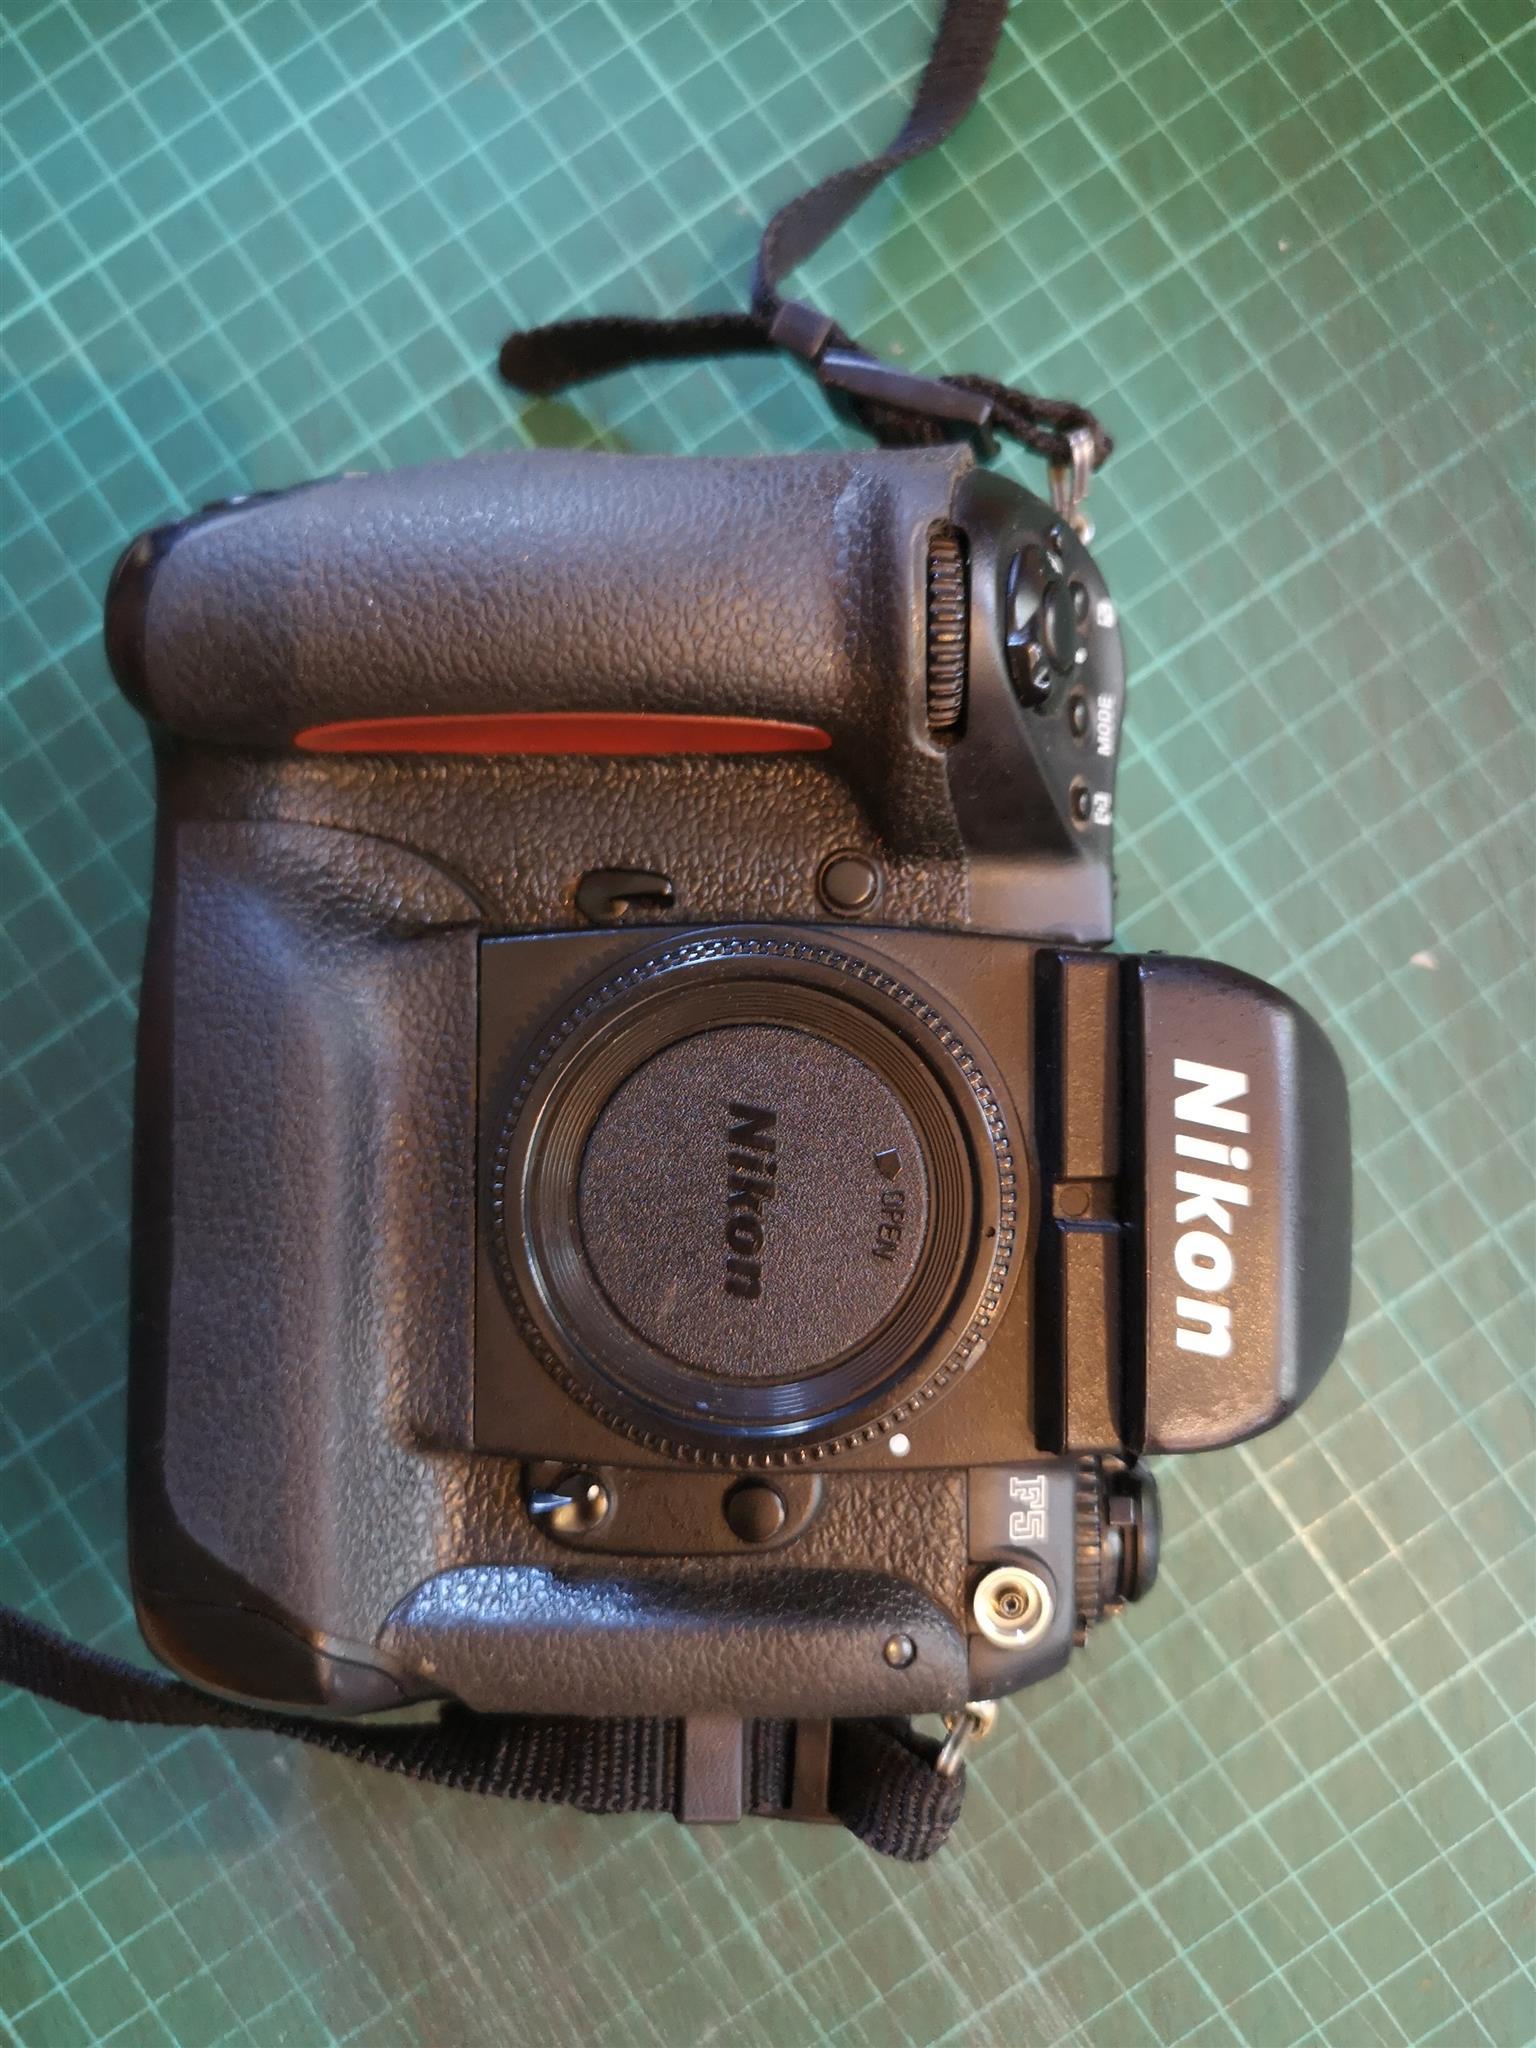 Nikon F5 Pro Film SLR